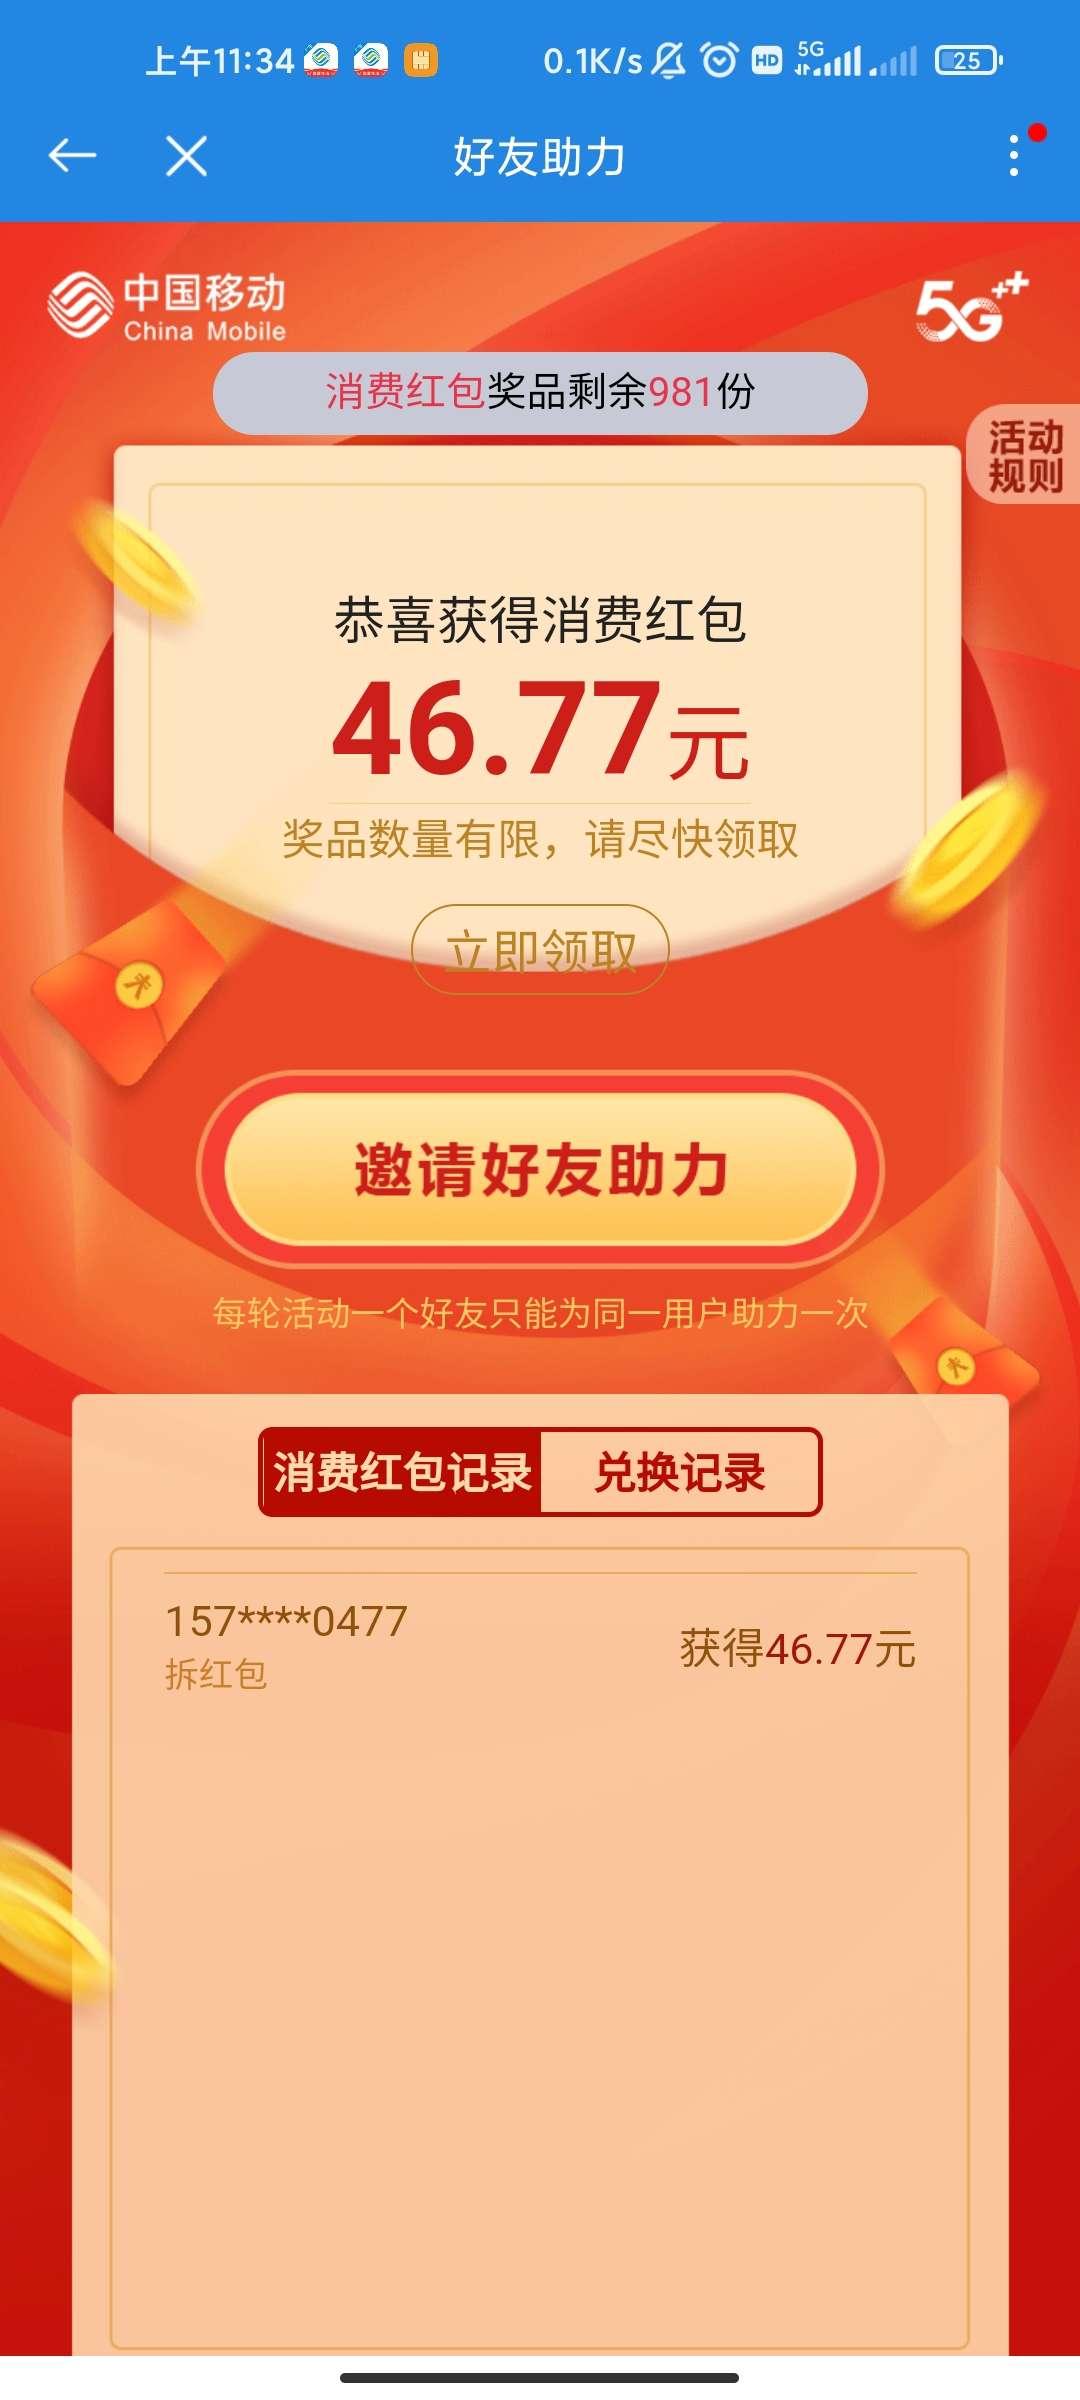 广东移动领50消费红包